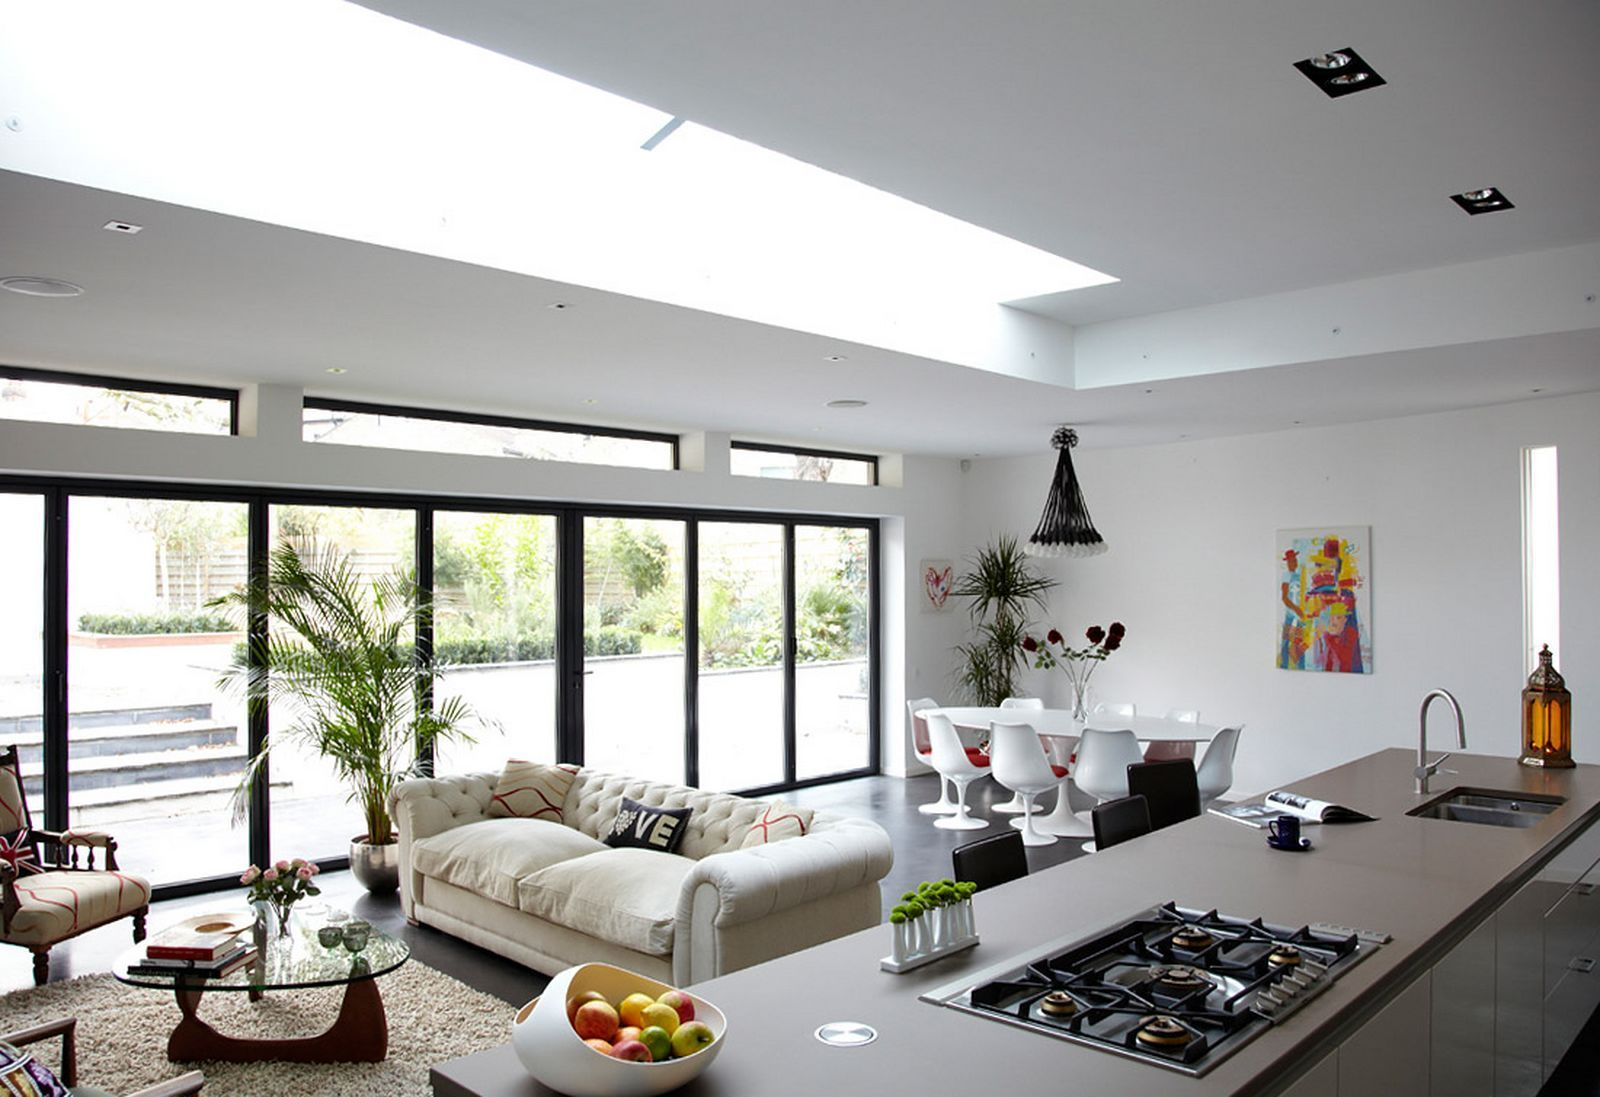 4 Modern Open Concept Family Playroom Home Decor Ideas https